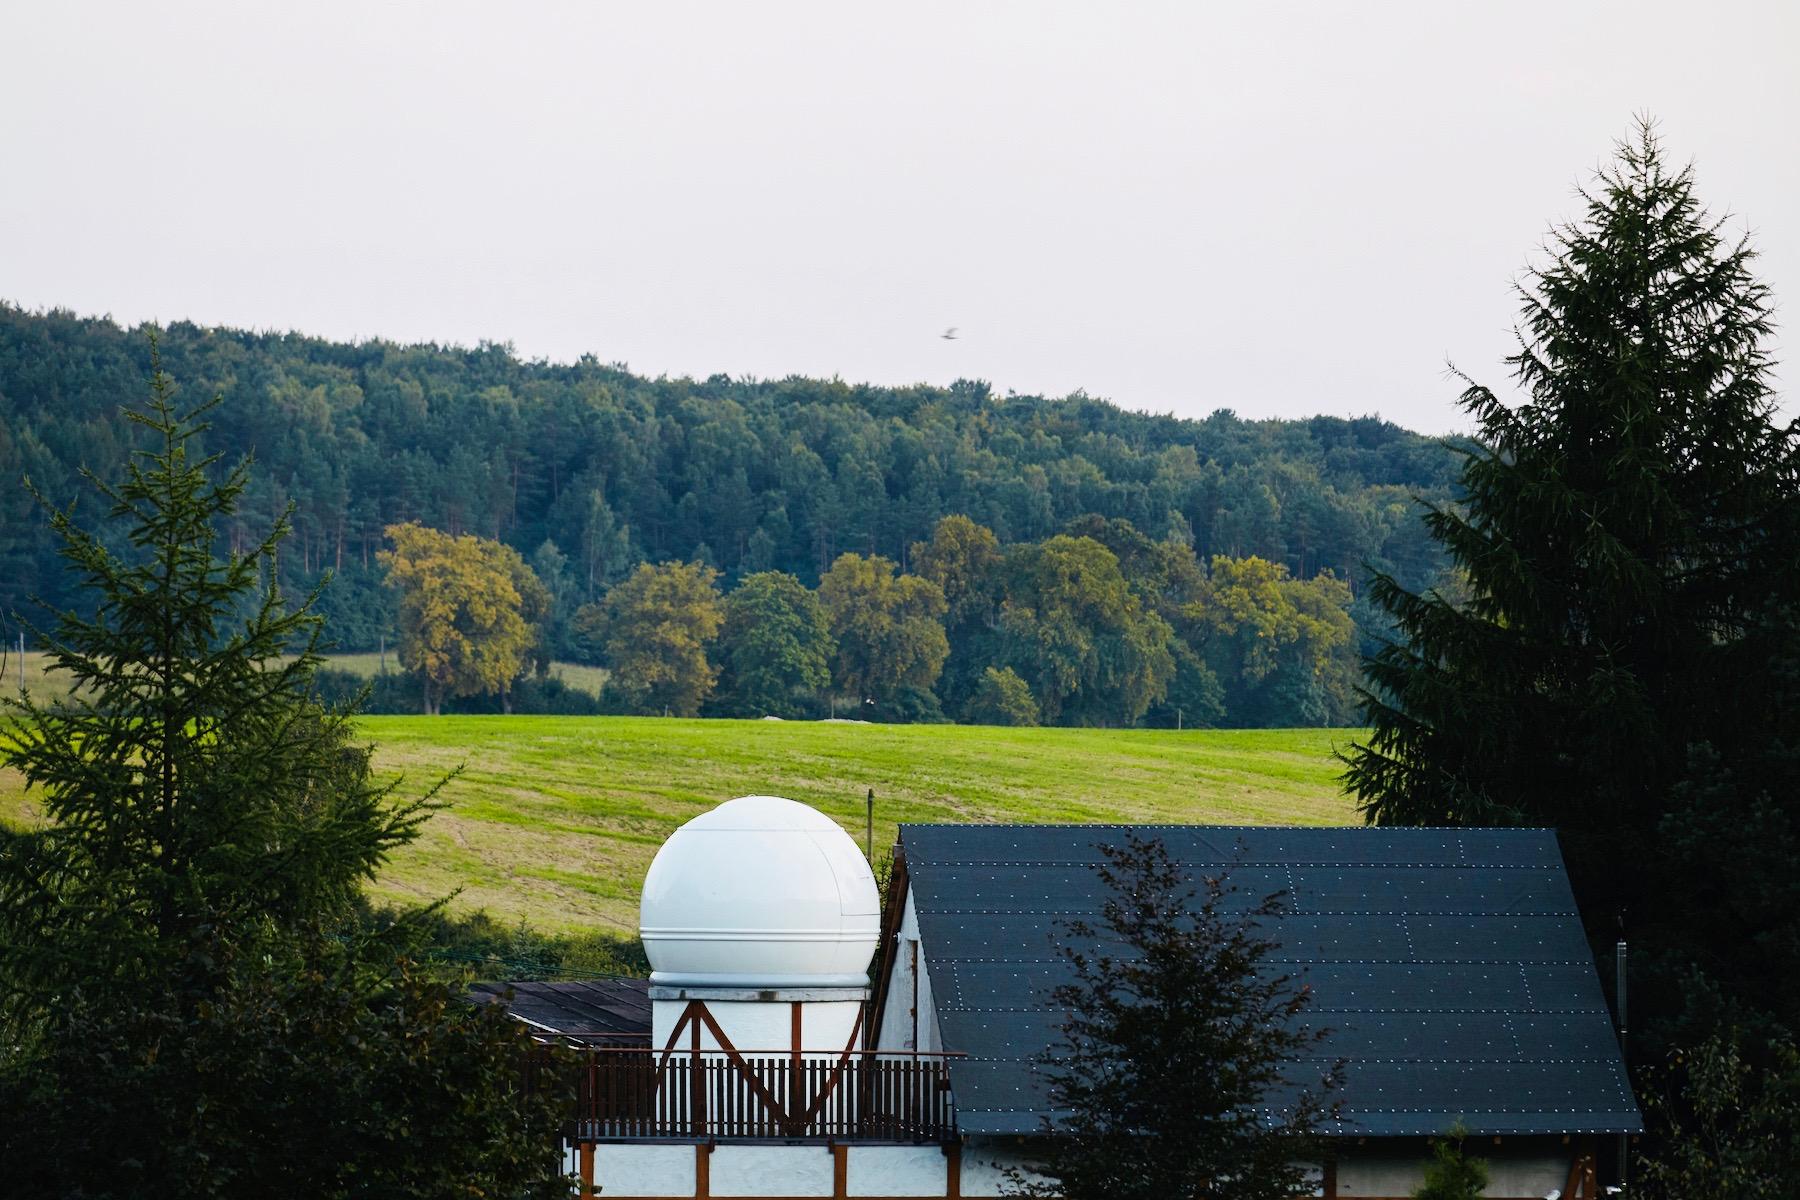 Obserwatorium astronomiczne - widok z zewnątrz